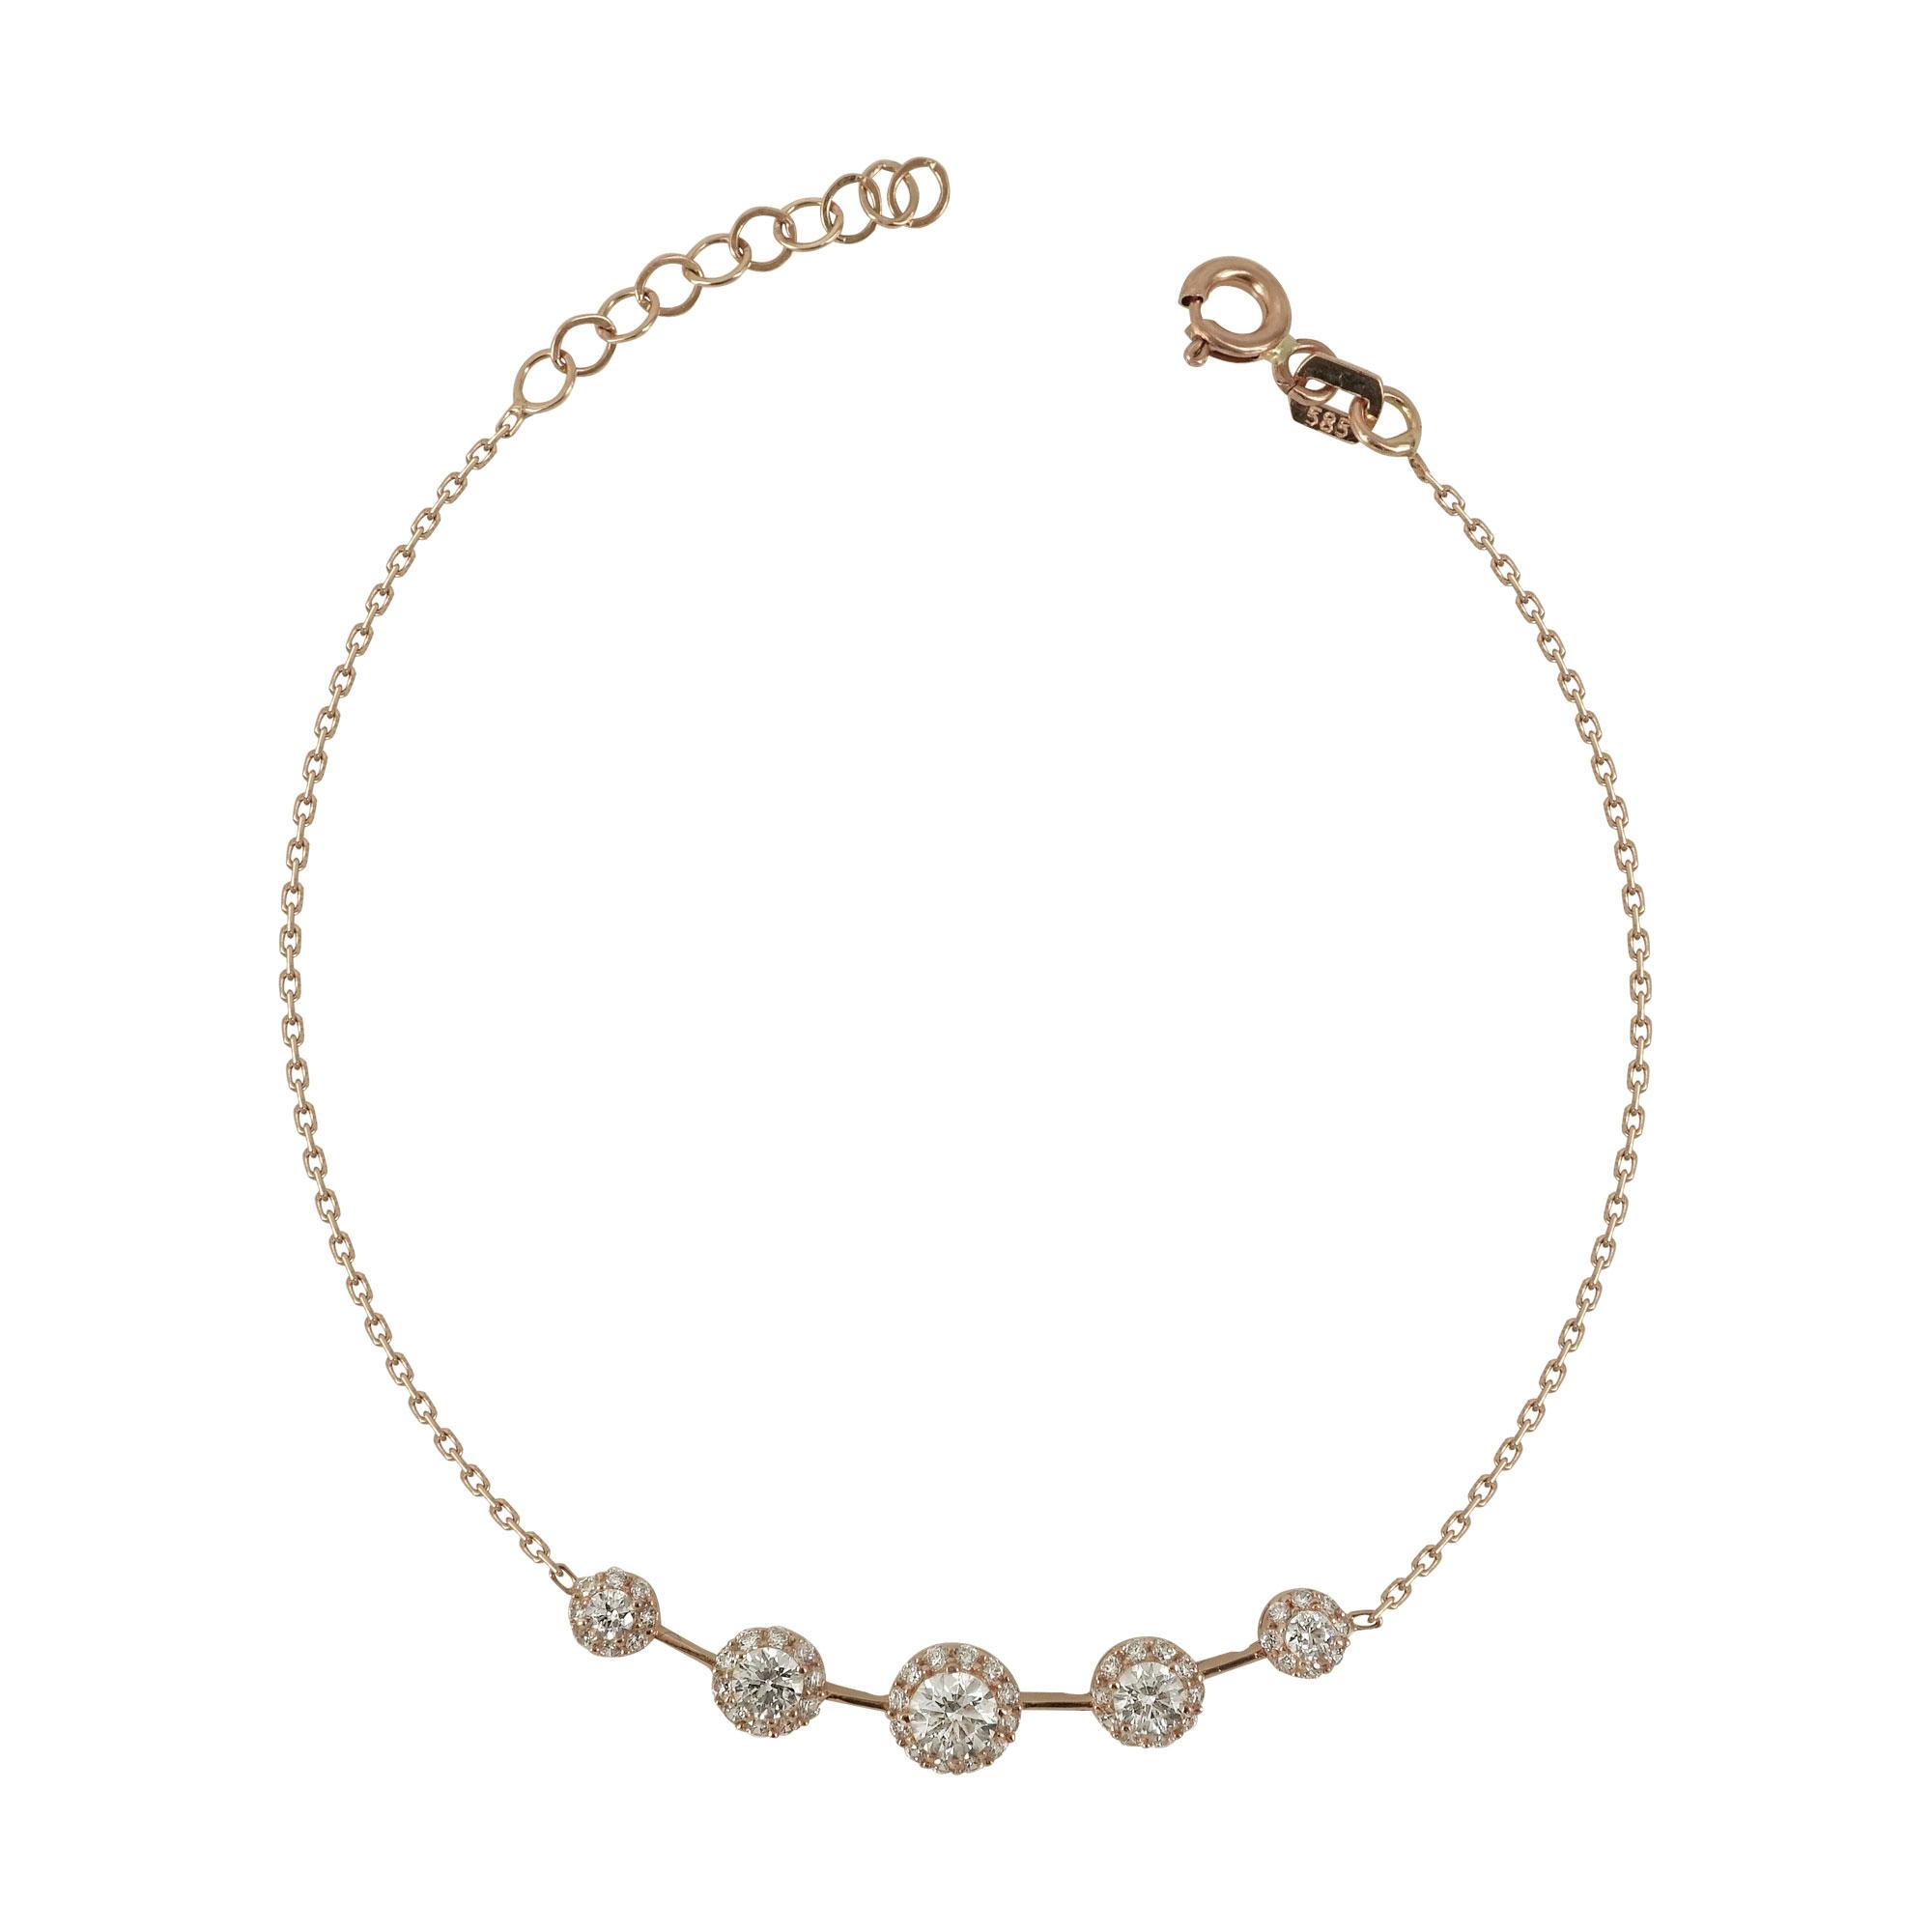 Ροζ Χρυσό Βραχιόλι Με Πέτρες Κ14 VR498